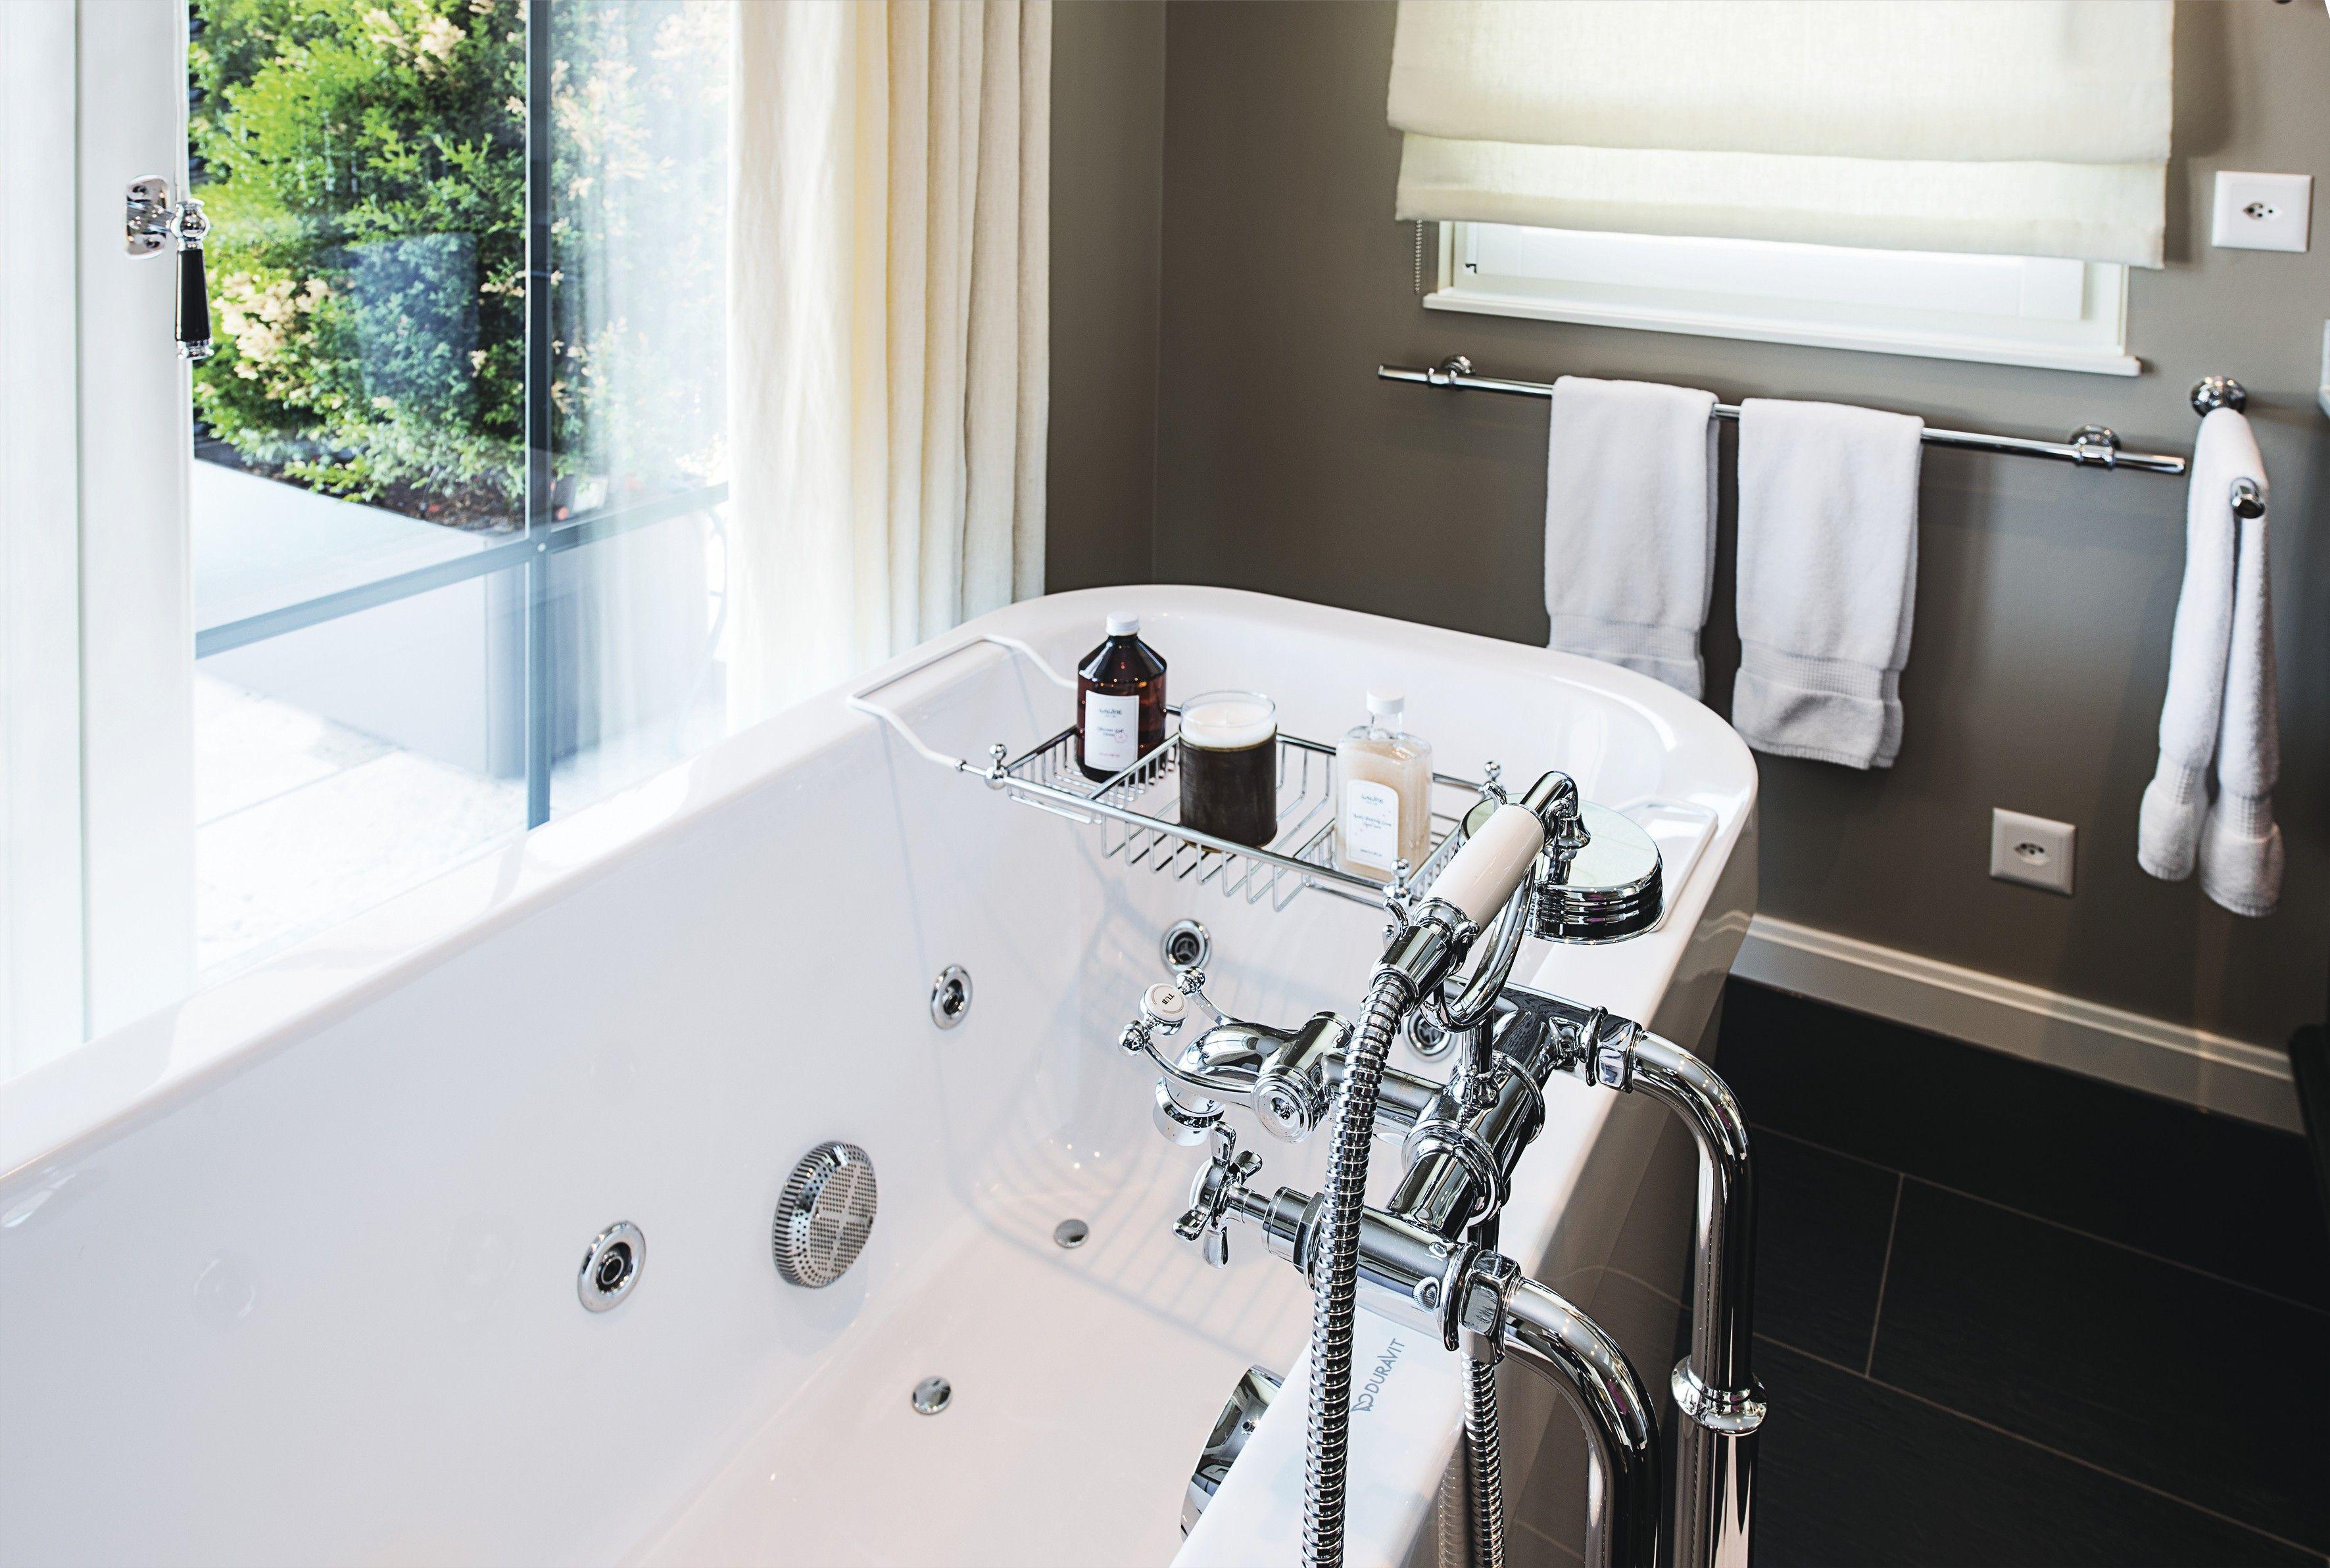 weberhaus fertigbauweise fertighaus holzbauweise wohnen bauen luxusvilla mit. Black Bedroom Furniture Sets. Home Design Ideas